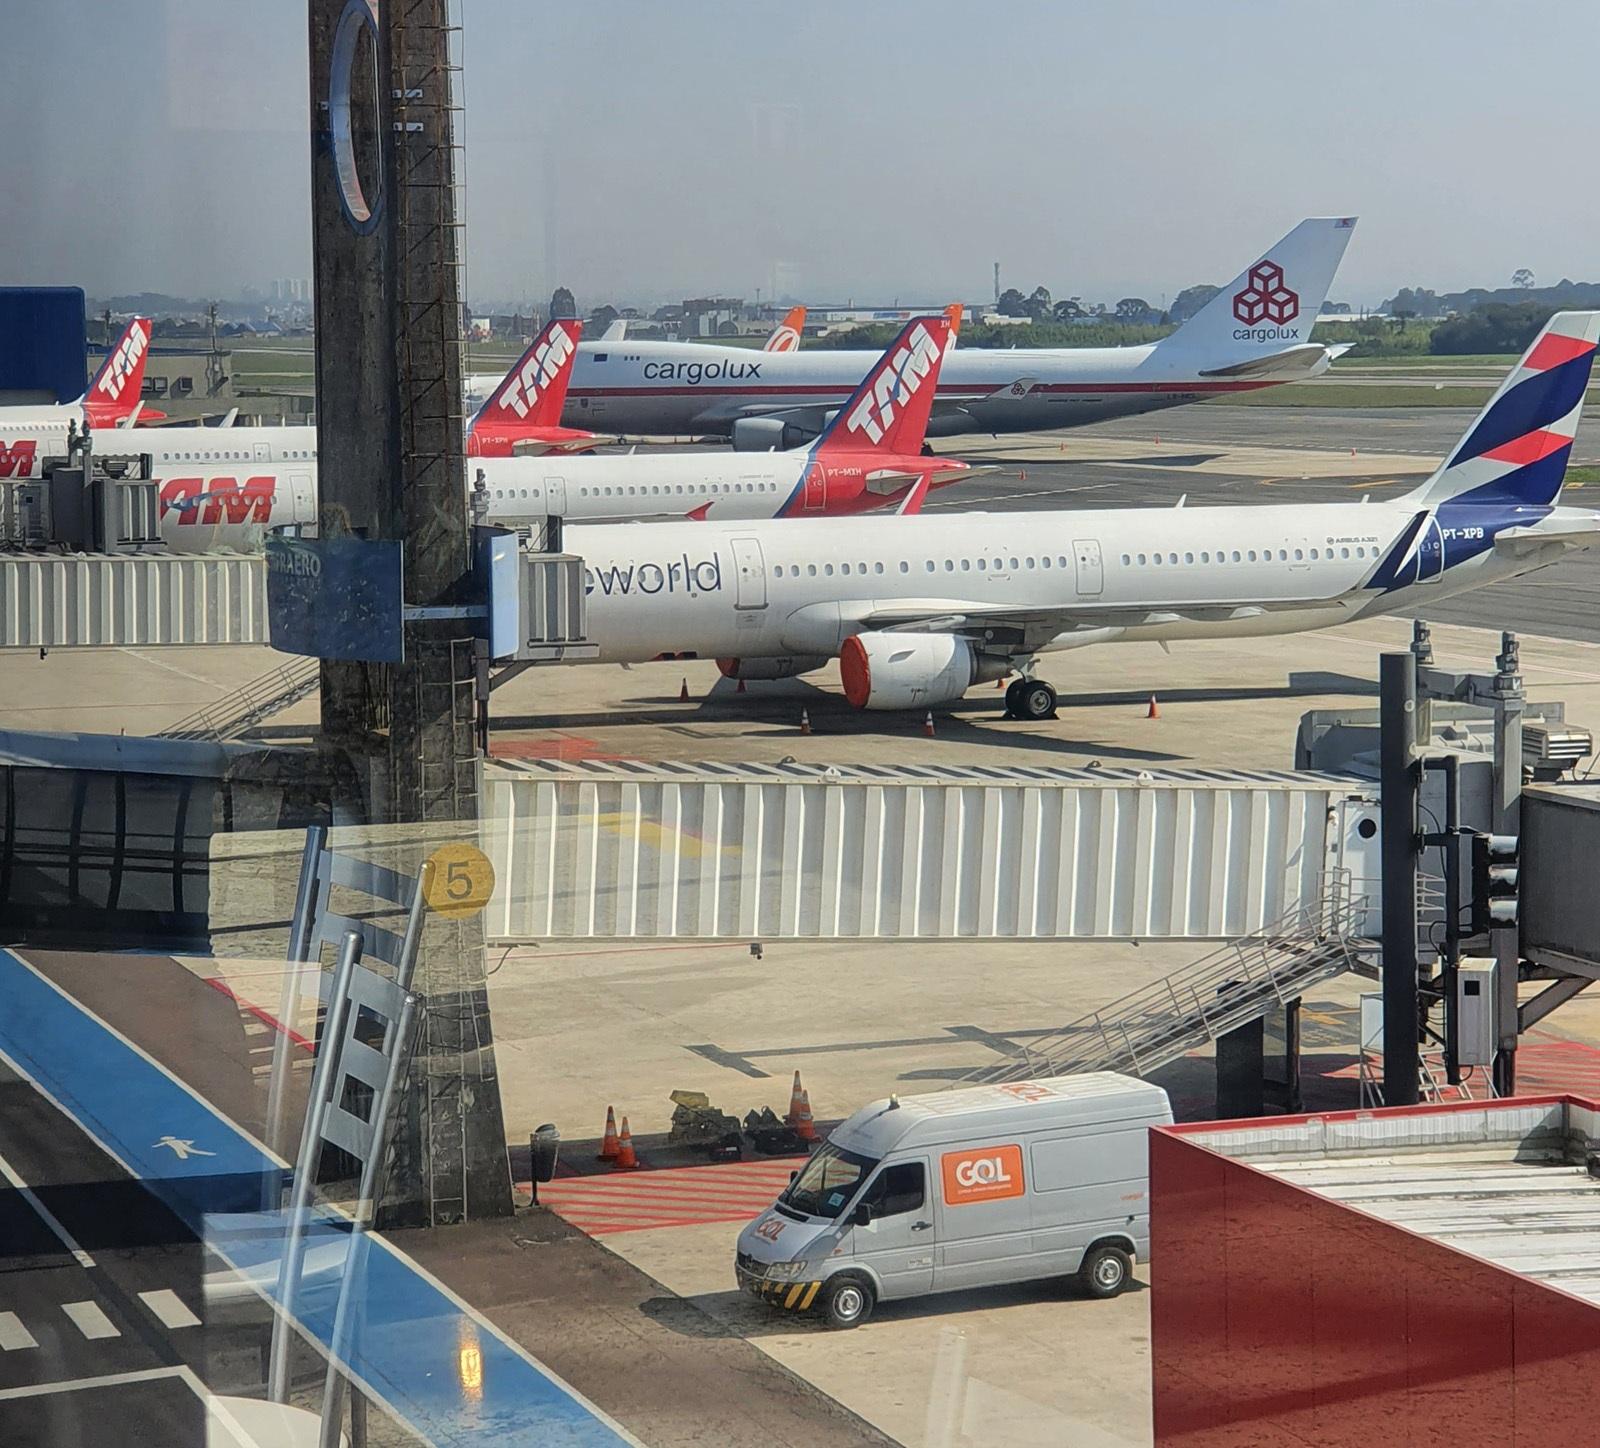 aeronaves no aeroporto internacional de Curitiba